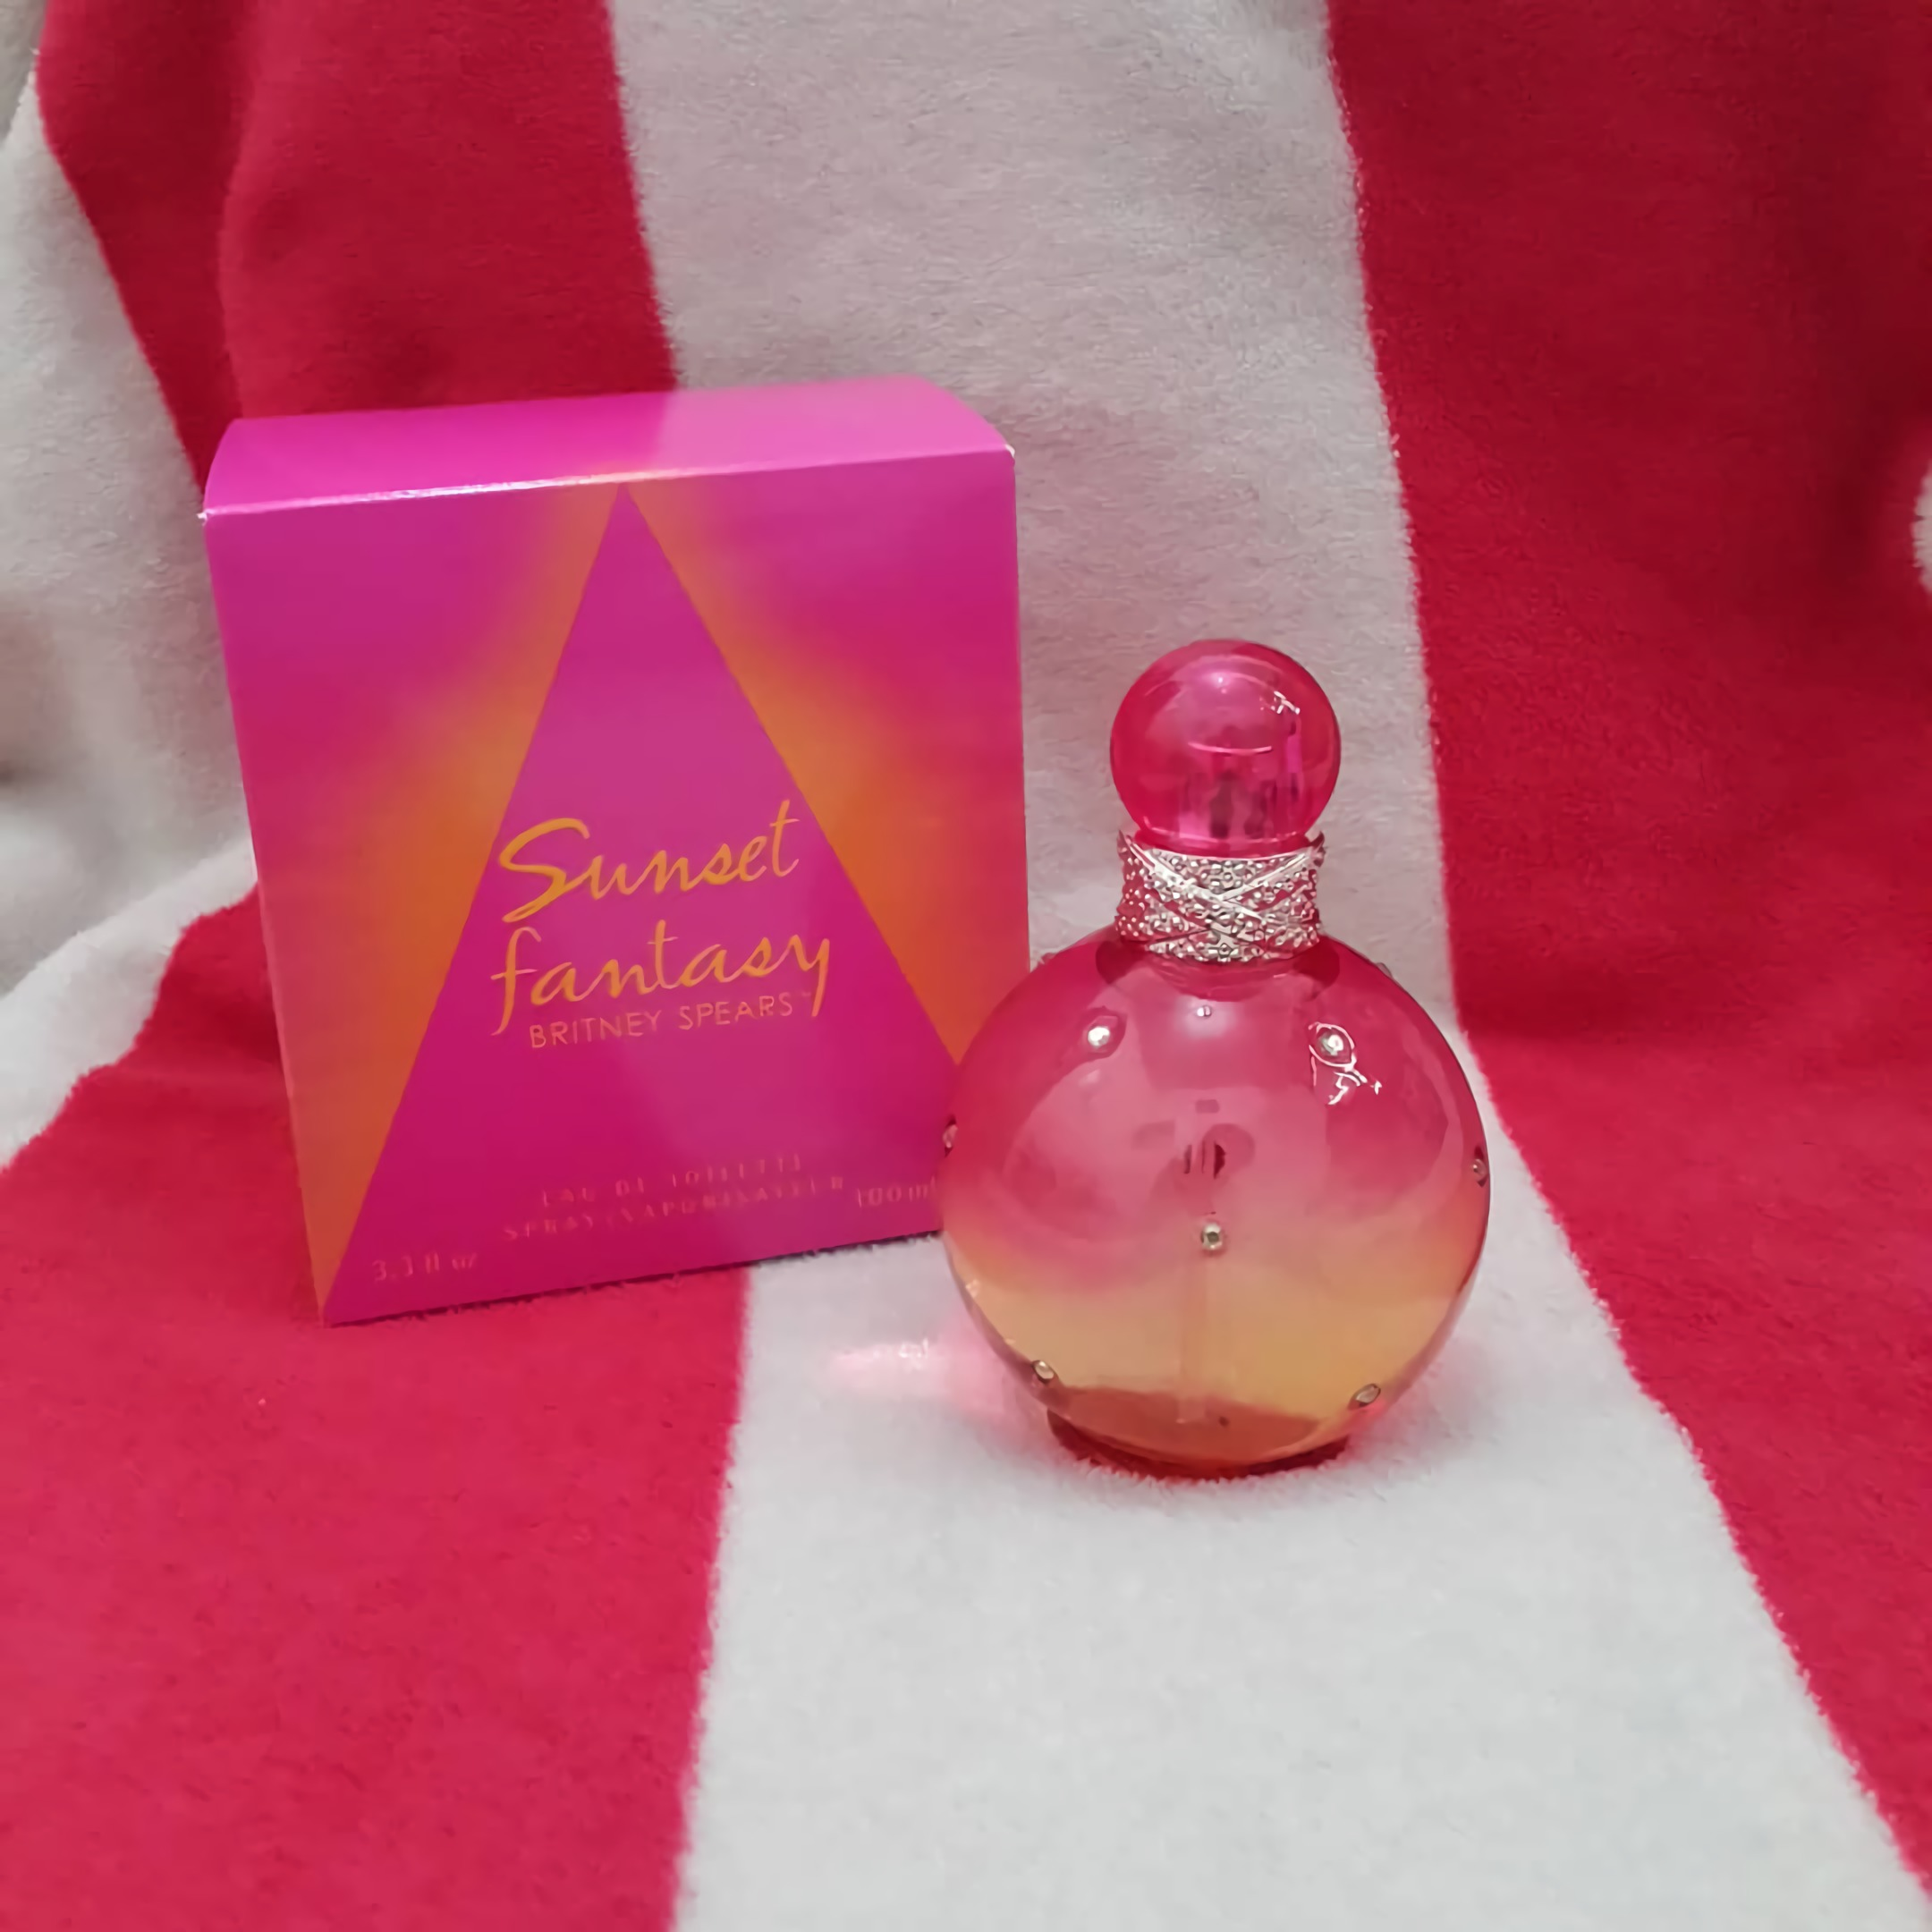 стойкие женские духи Britney Spears Women's Fantasy Eau de Perfum